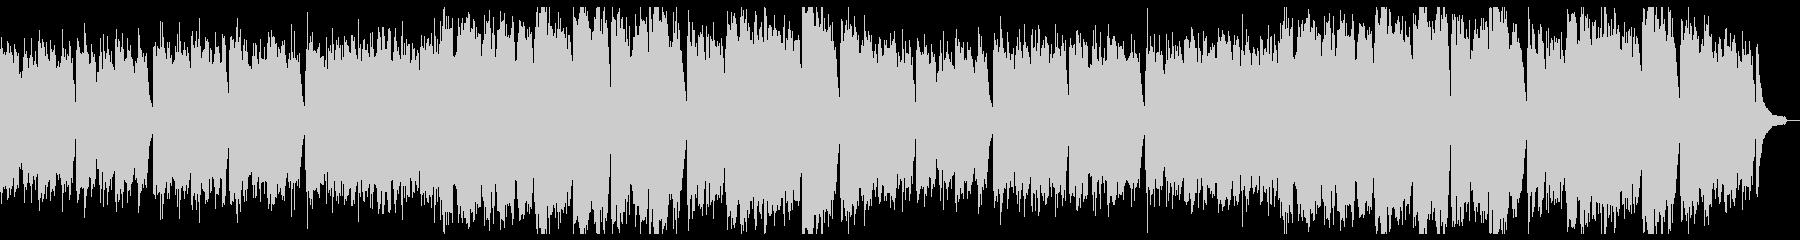 優しく温和なピアノと弦:フル2回の未再生の波形